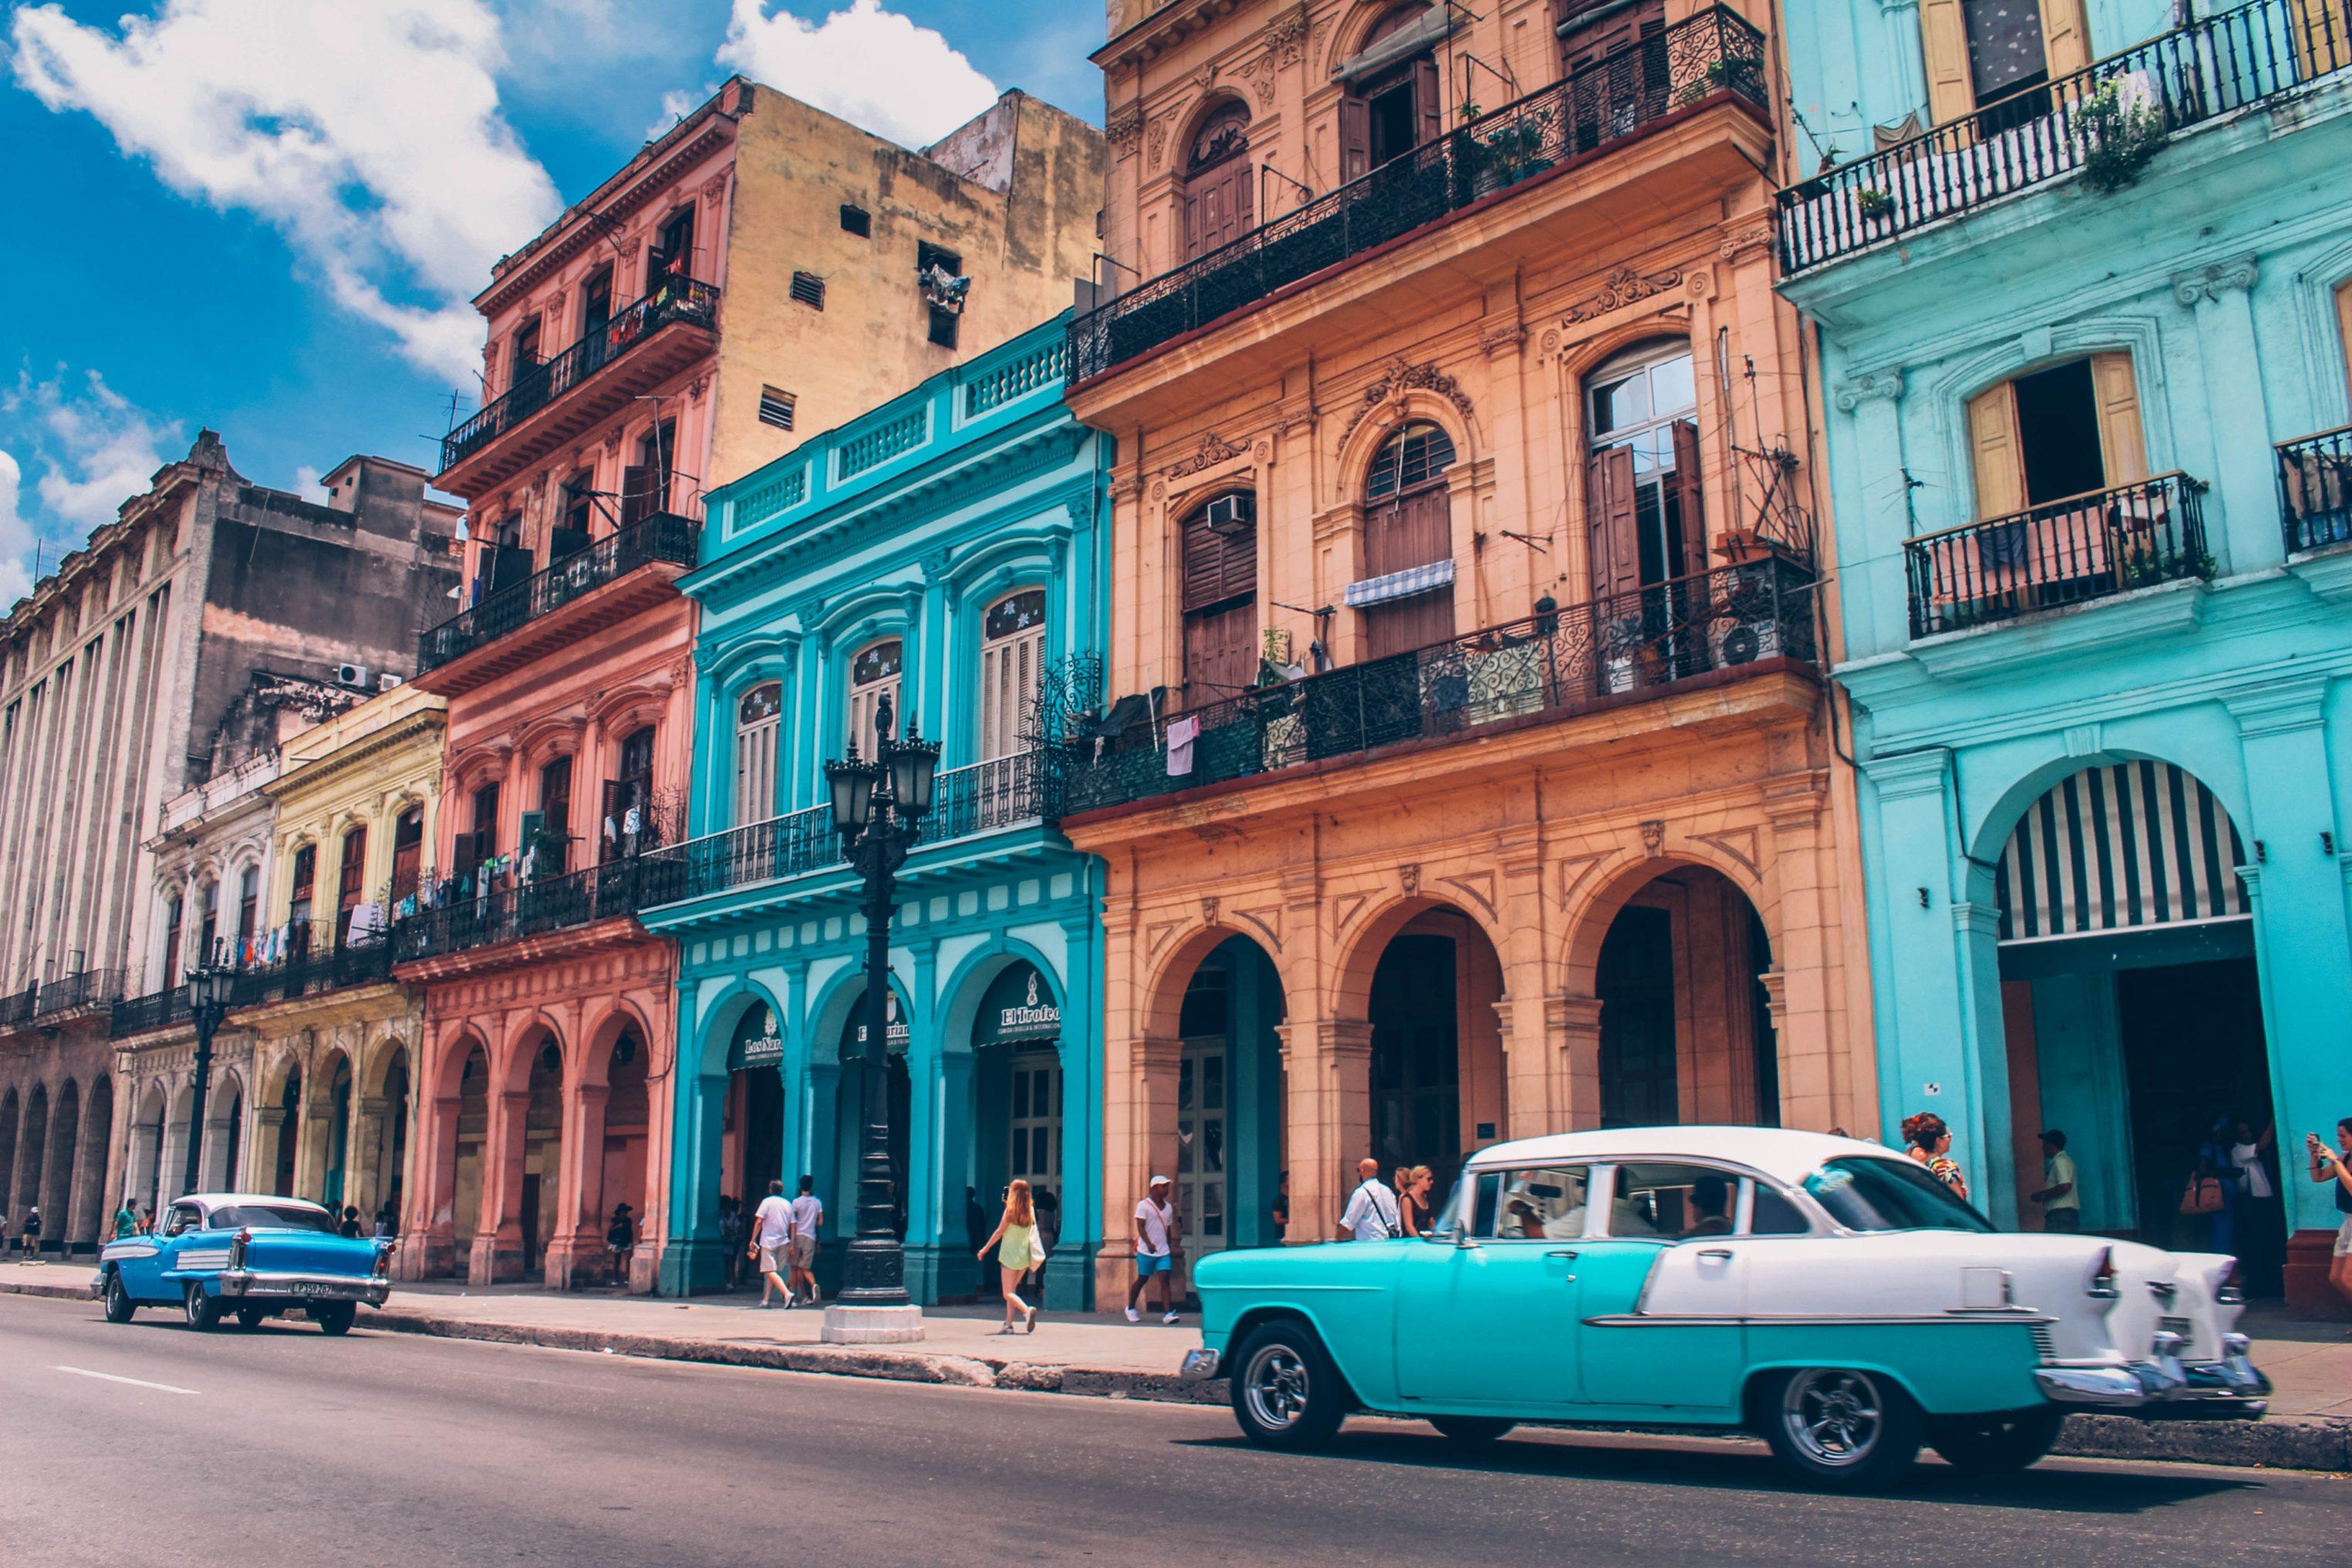 Descubre lugares increíbles como Cuba con el buscador de vuelos baratos sin destino fijo